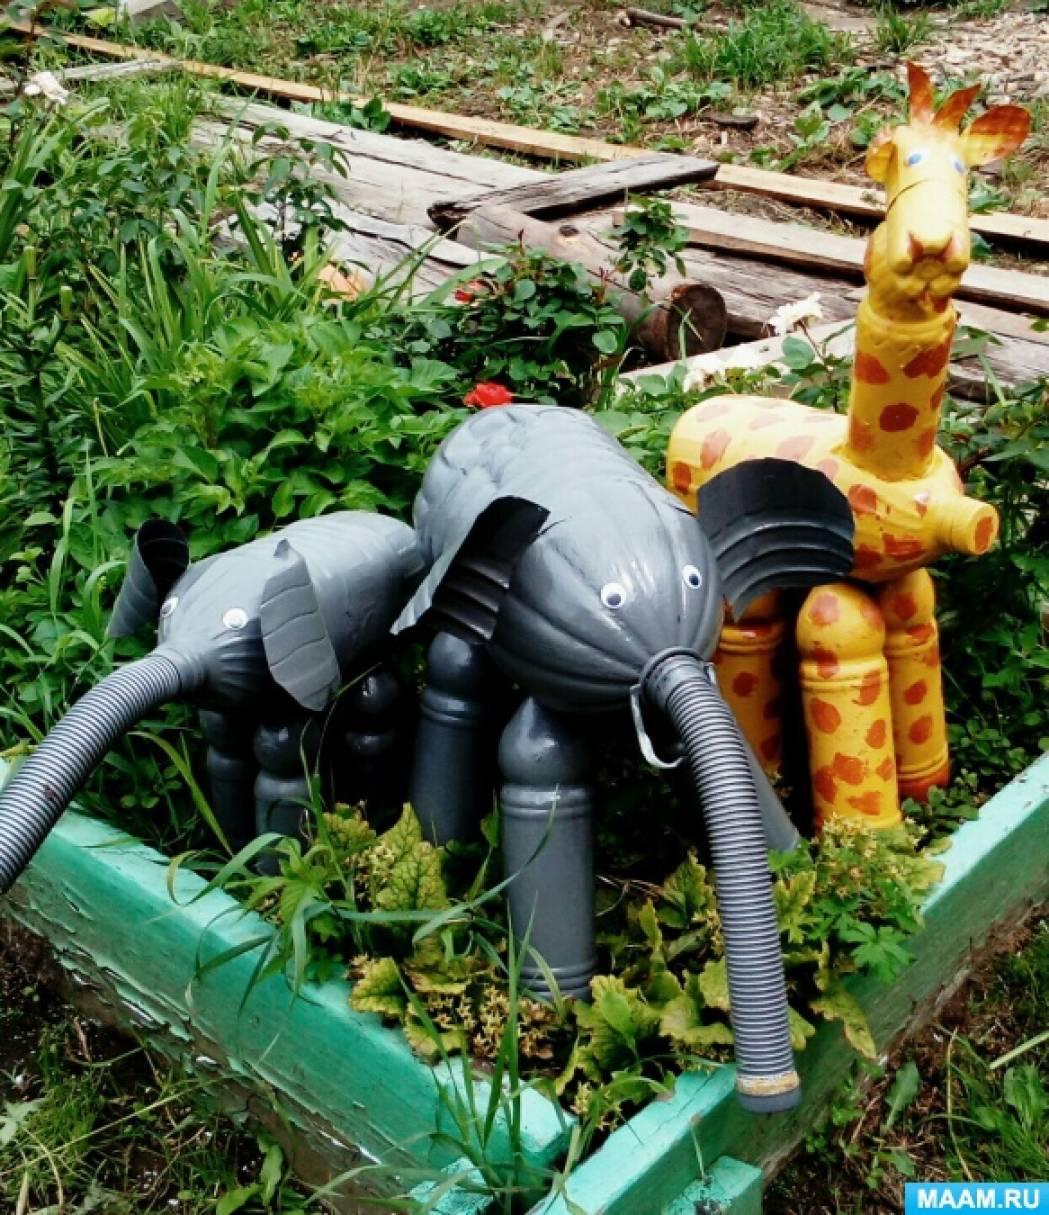 Мастер-класс. Слон из пластиковых бутылок, для участка детского сада.